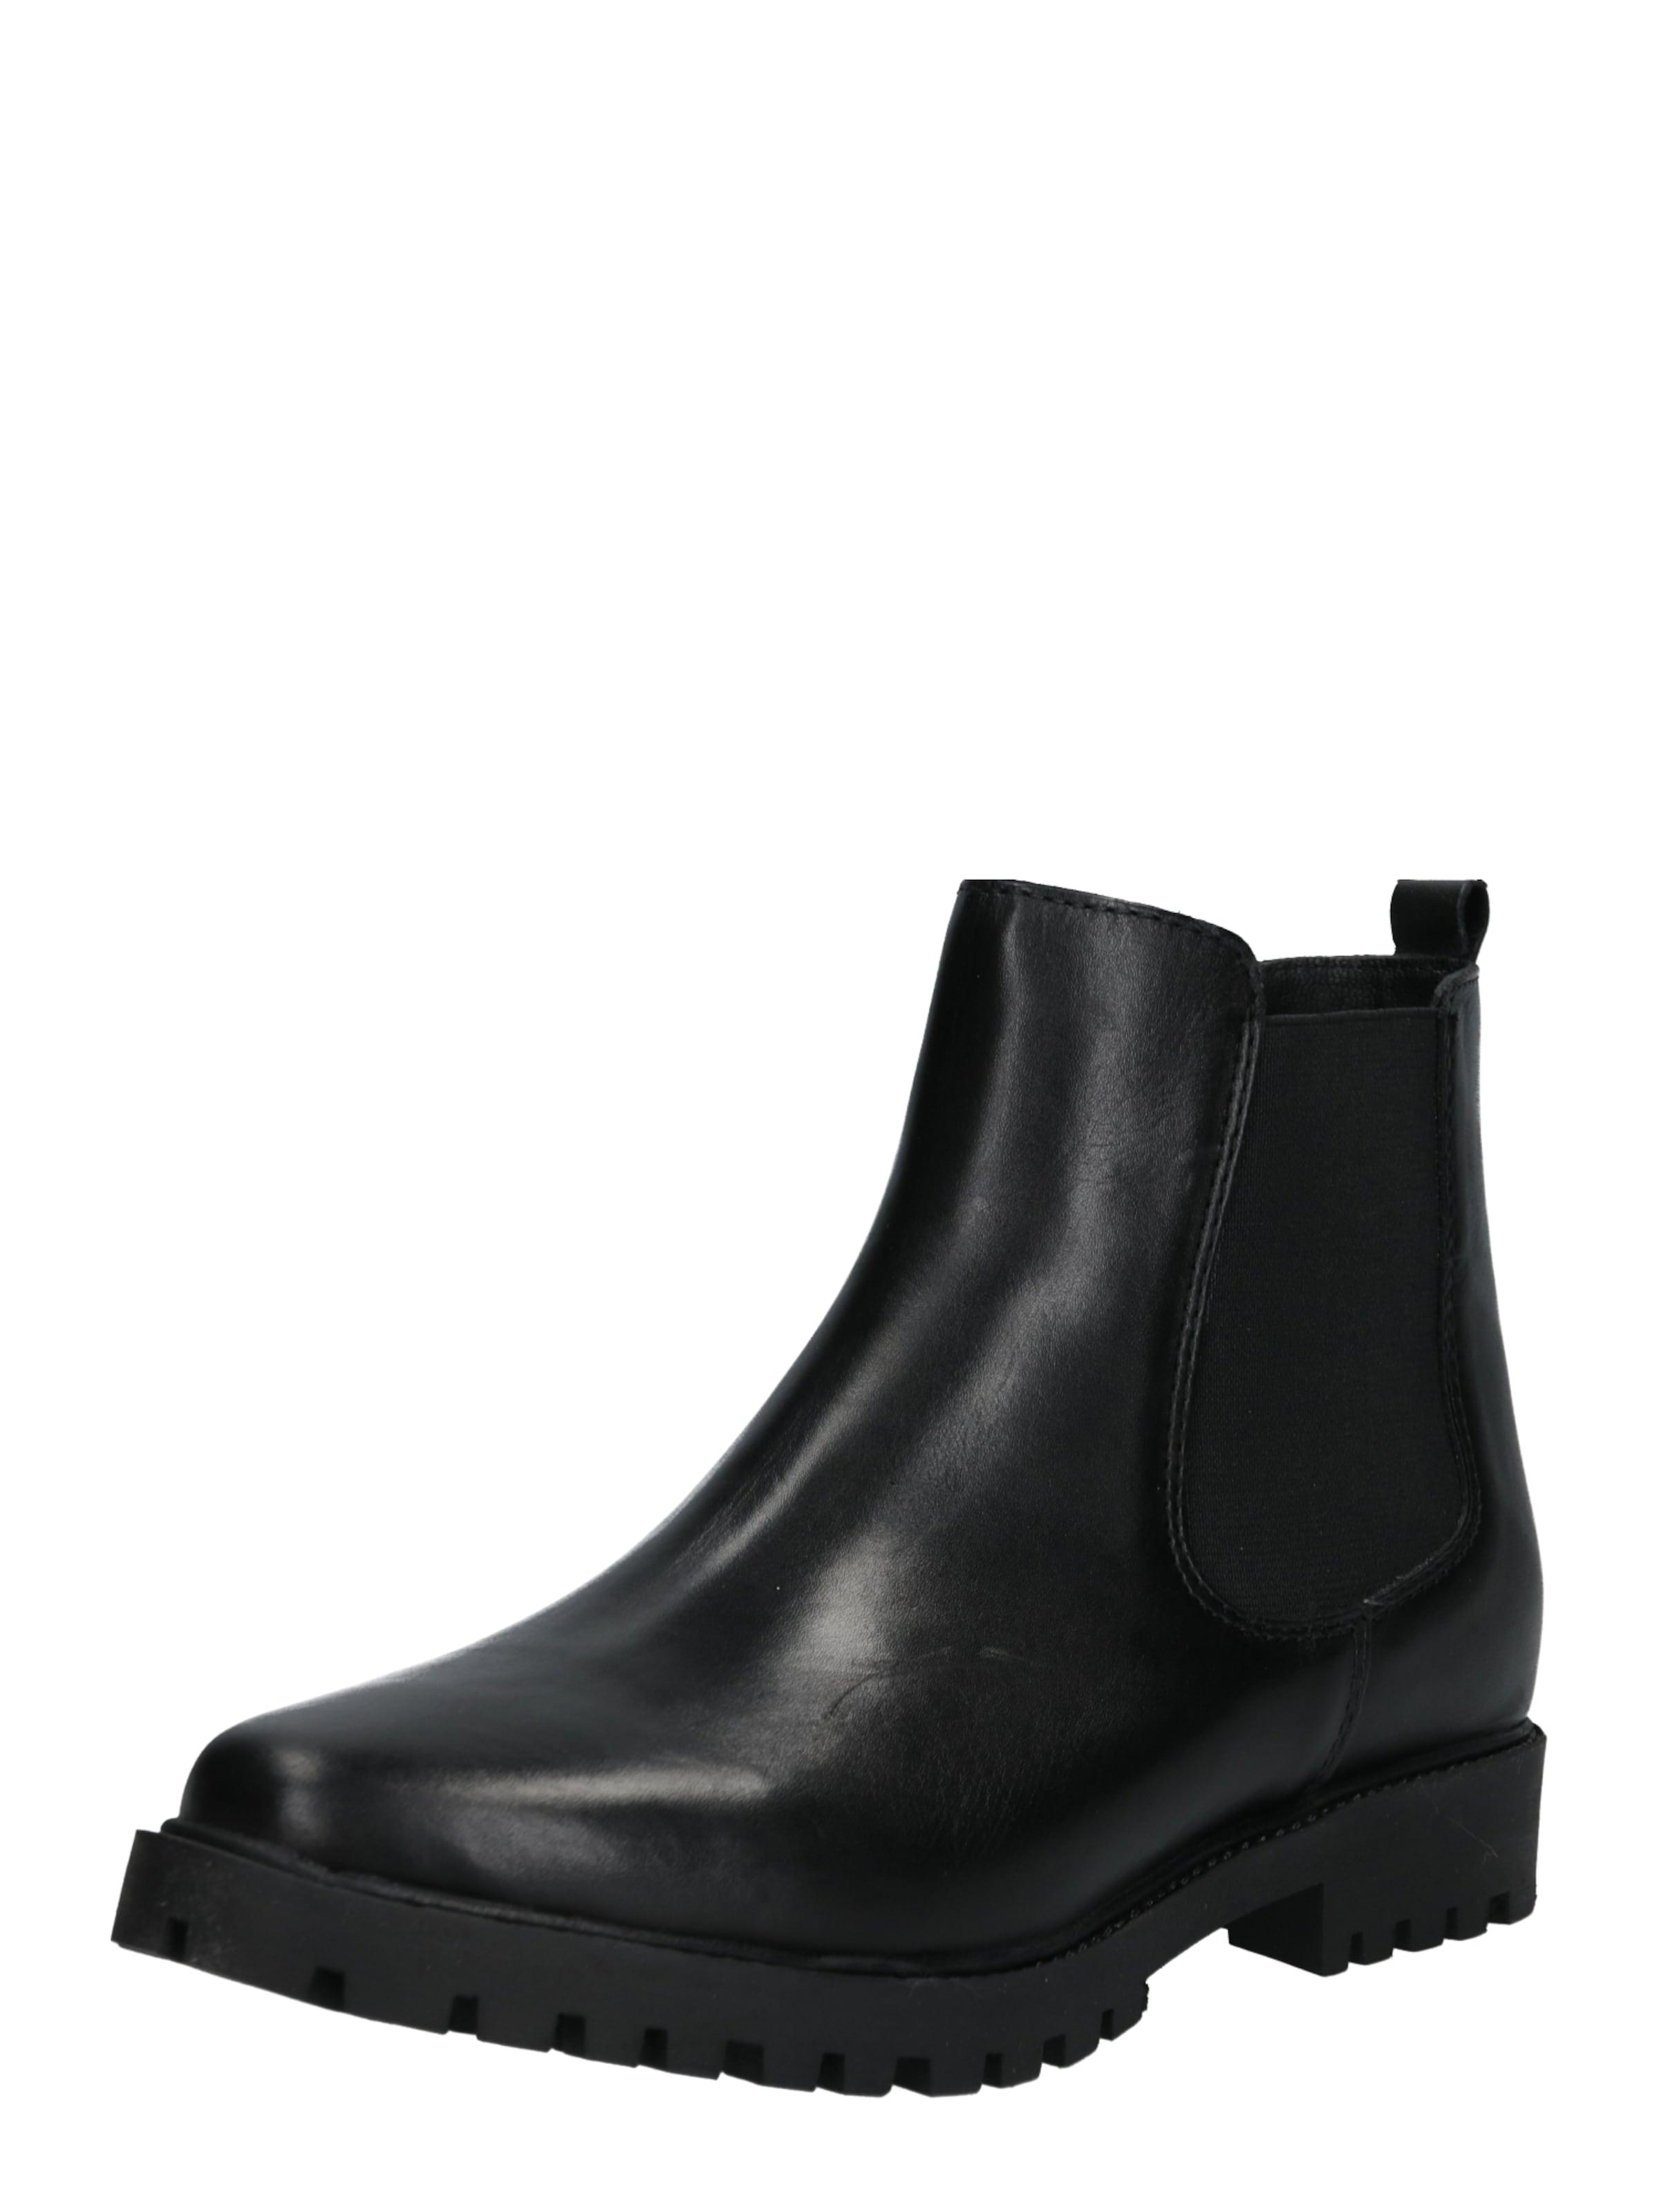 You About En Boots 'mariam Chelsea Shoe' Noir PuOXZkiT